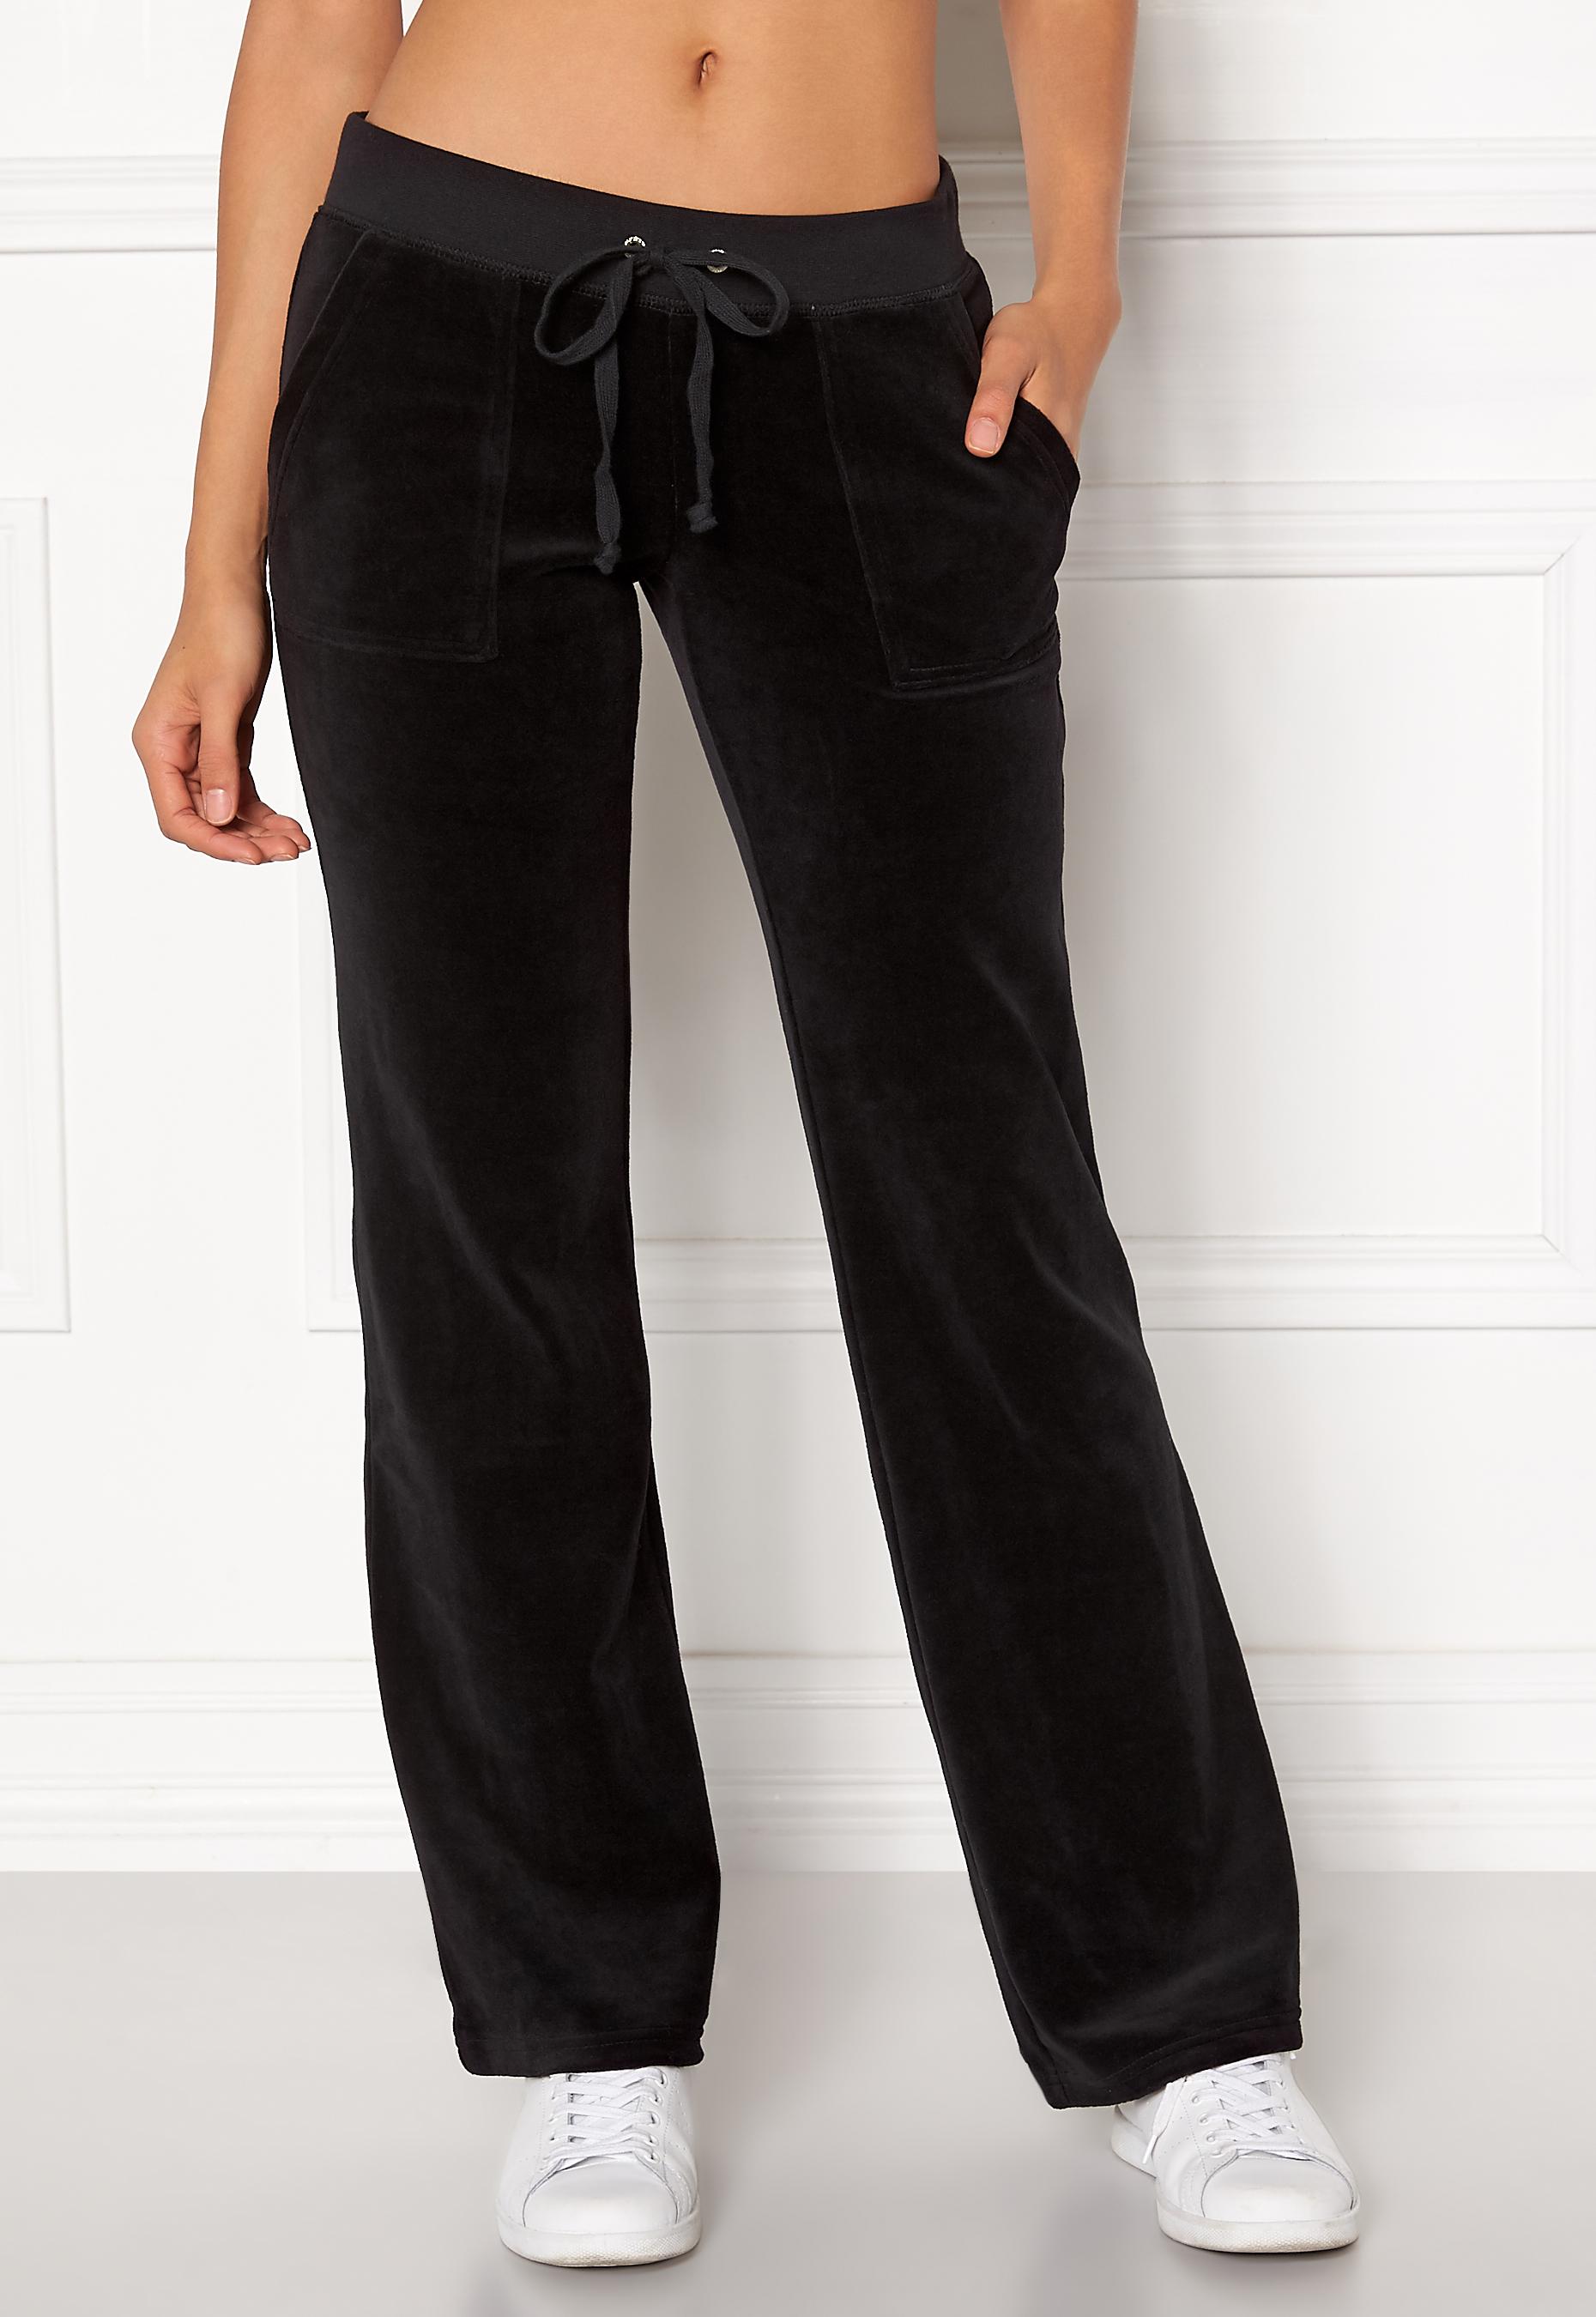 25366d9c Juicy Couture Velour Del Rey Pant Pitch Black - Bubbleroom